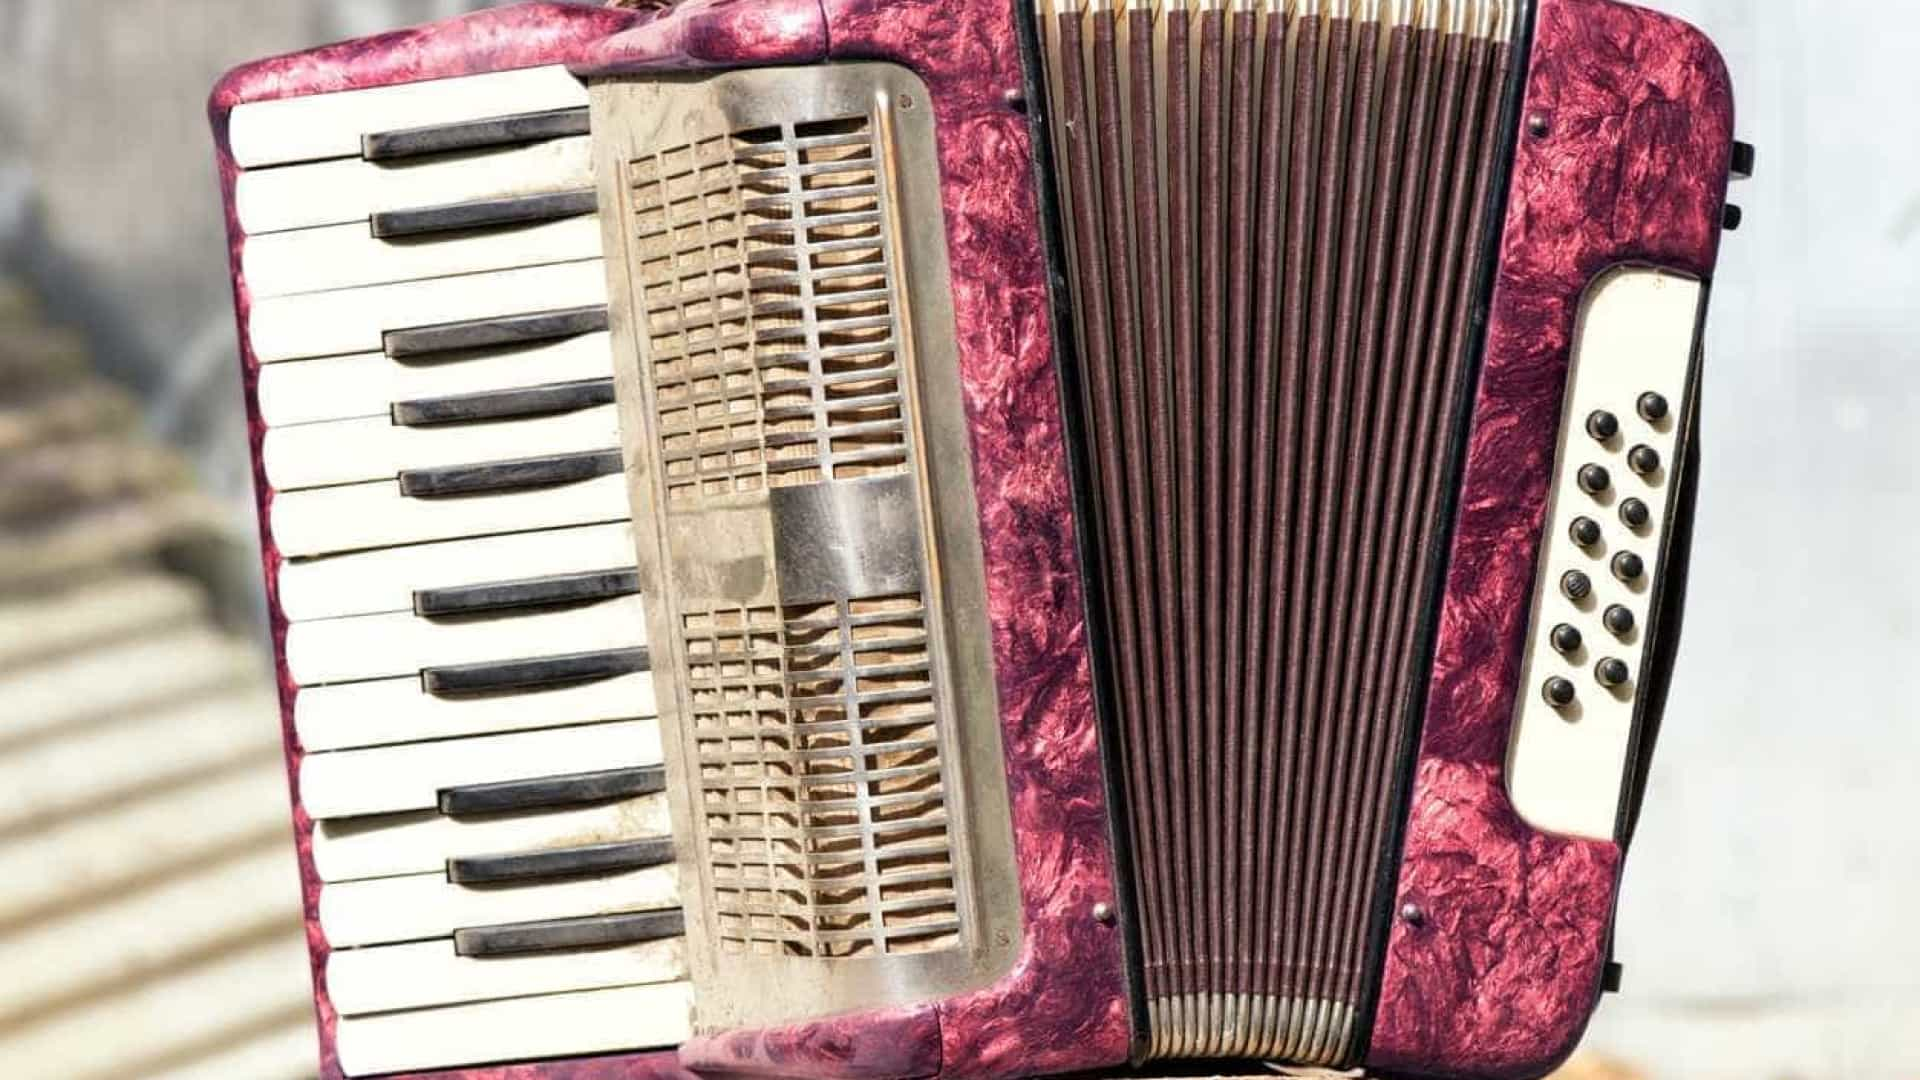 Das concertinas à harpa, em Coimbra nasceu uma orquestra aberta a todos